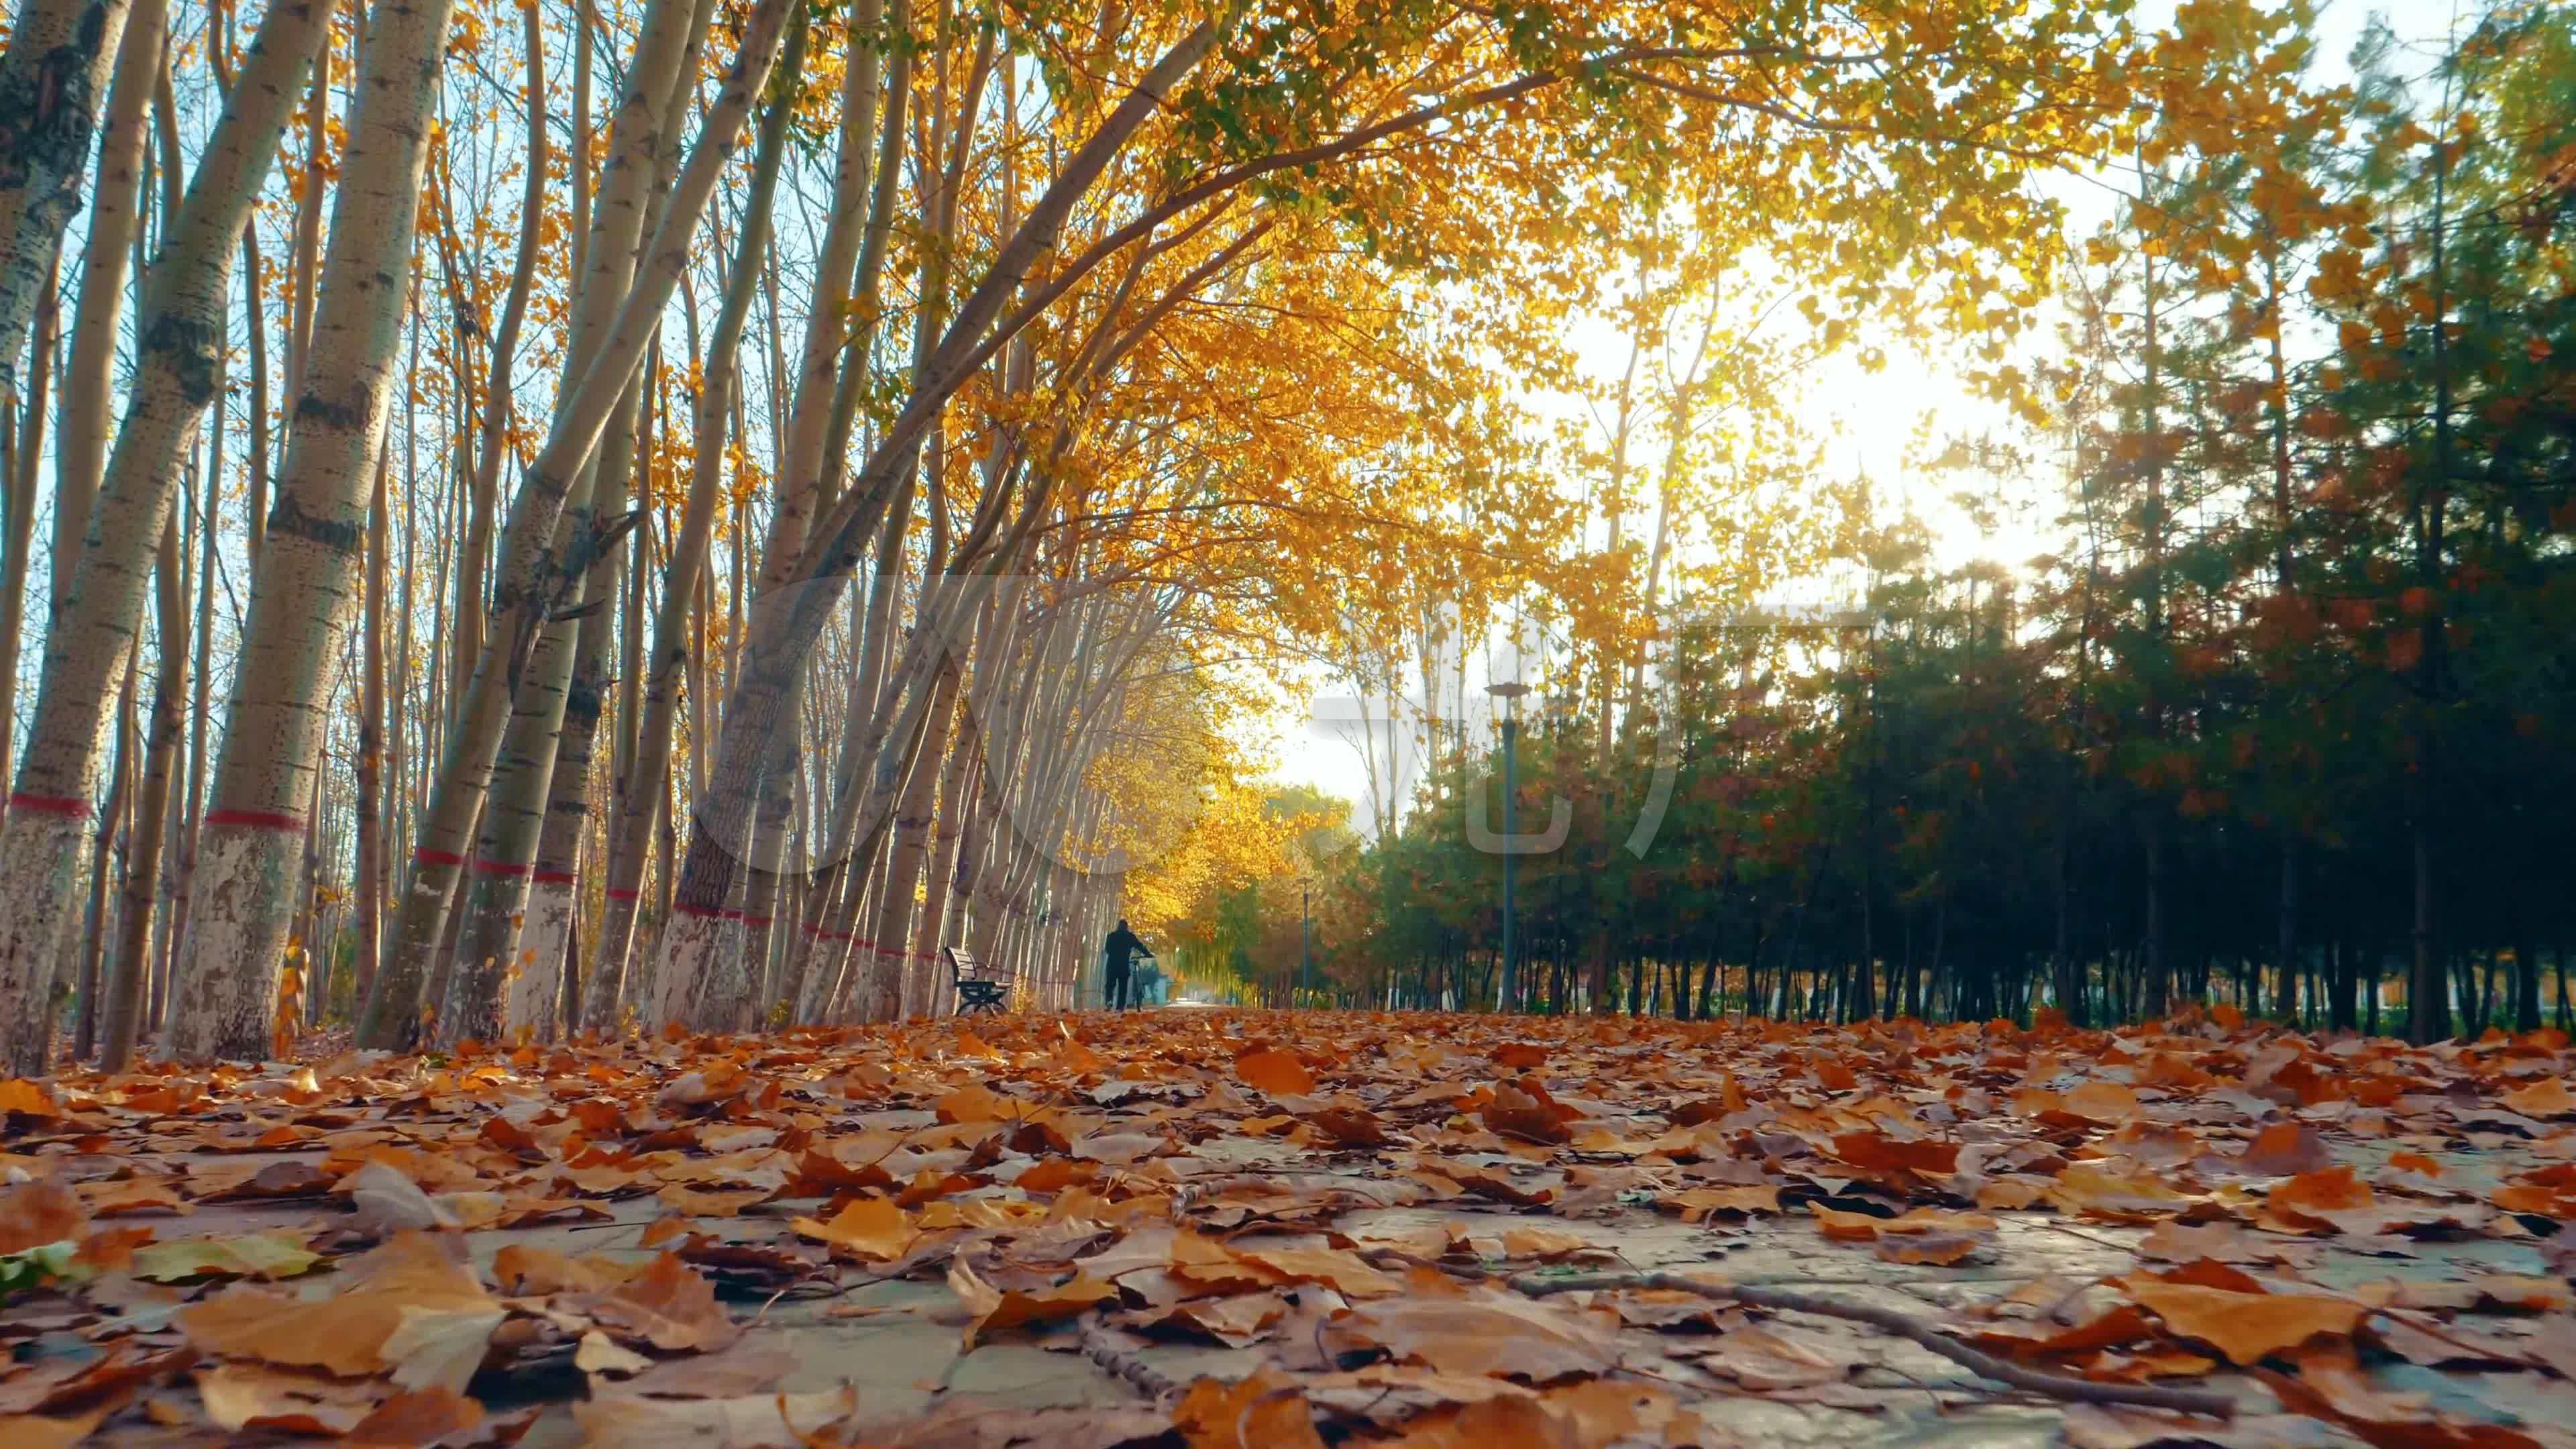 秋天清晨公园里树叶都是金黄色4k素材